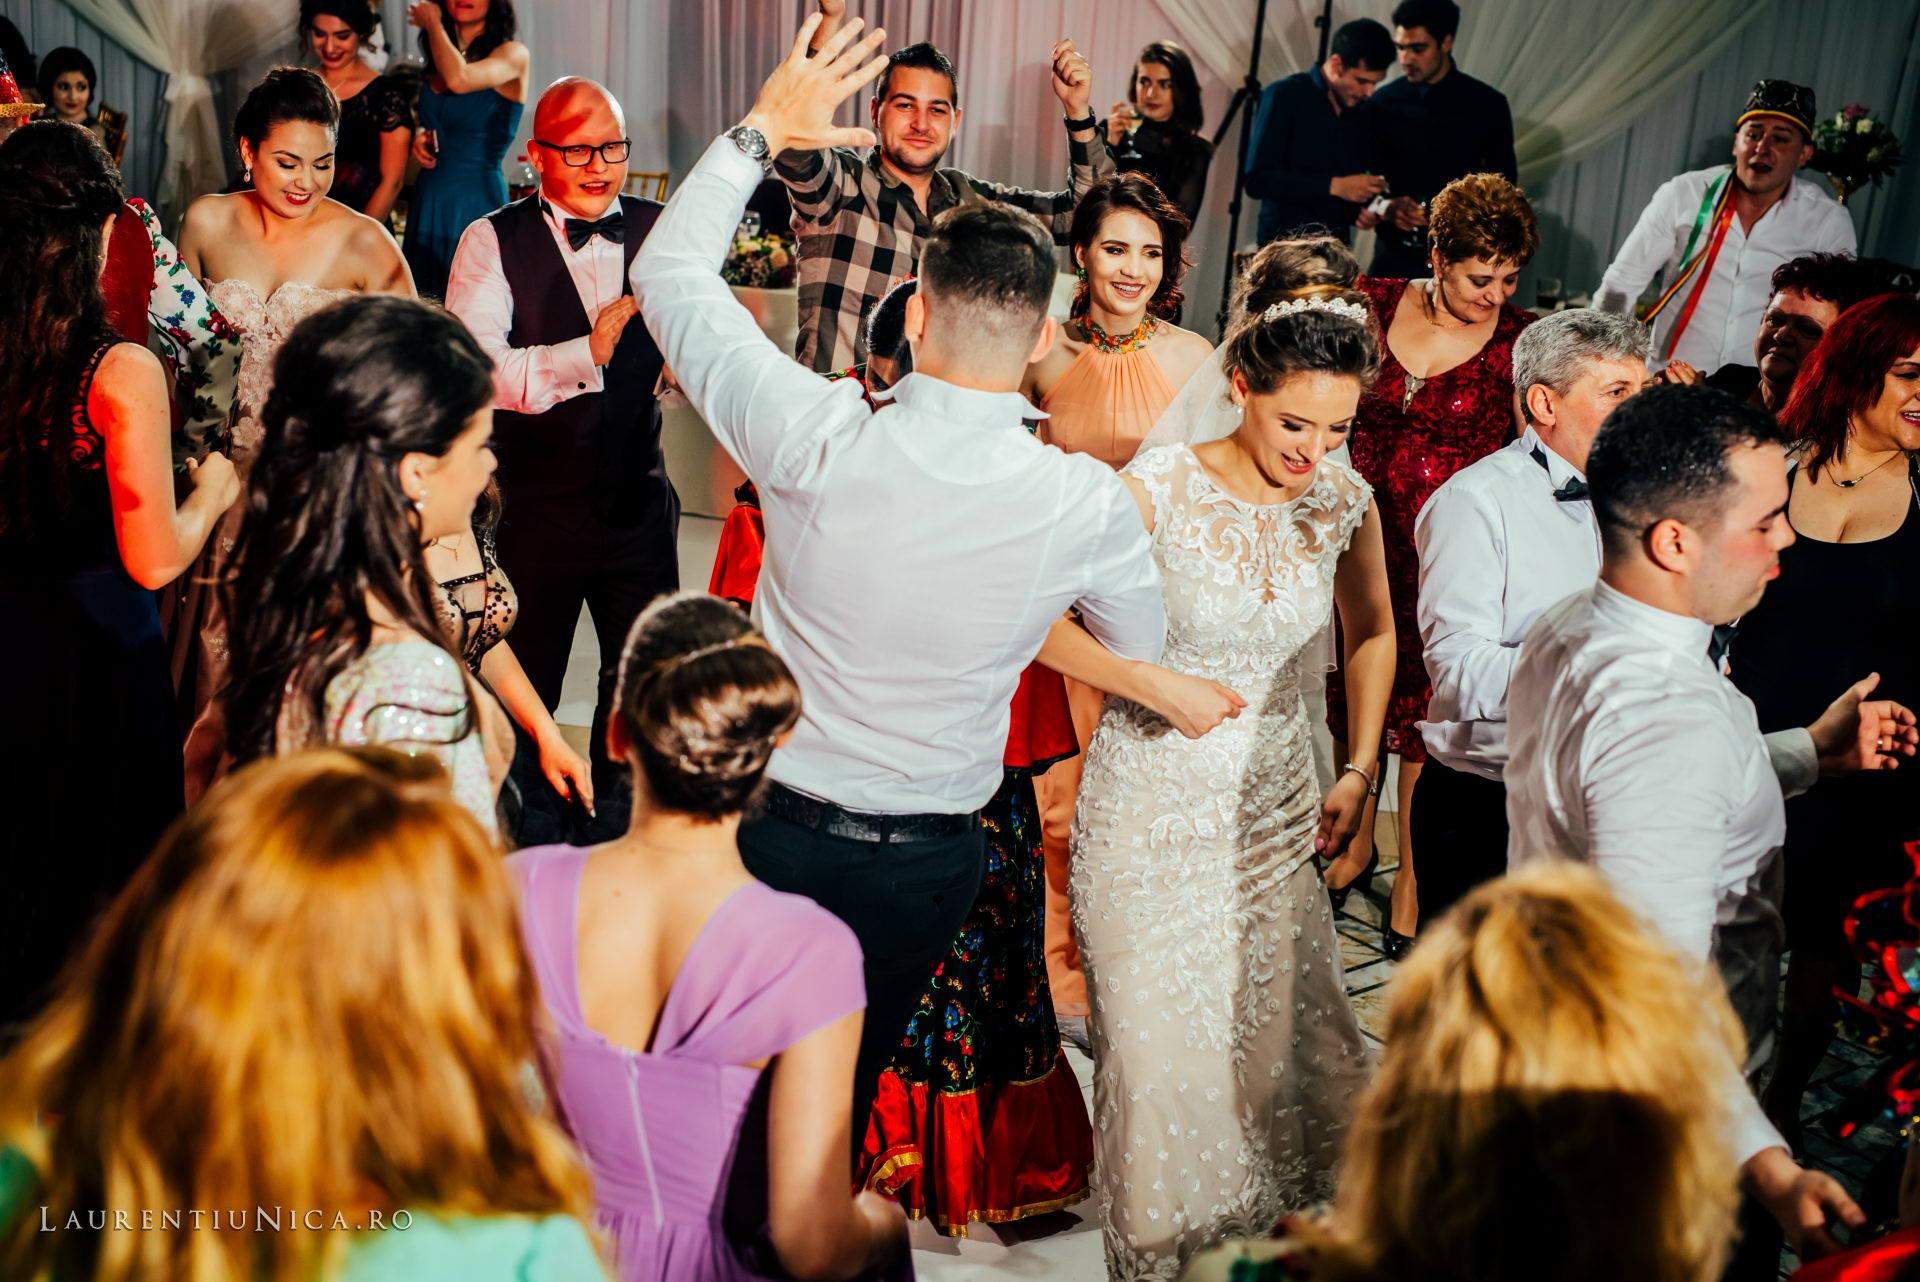 denisa si catalin fotograf nunta laurentiu nica craiova 92 - Denisa si Catalin | Fotografii nunta | Craiova